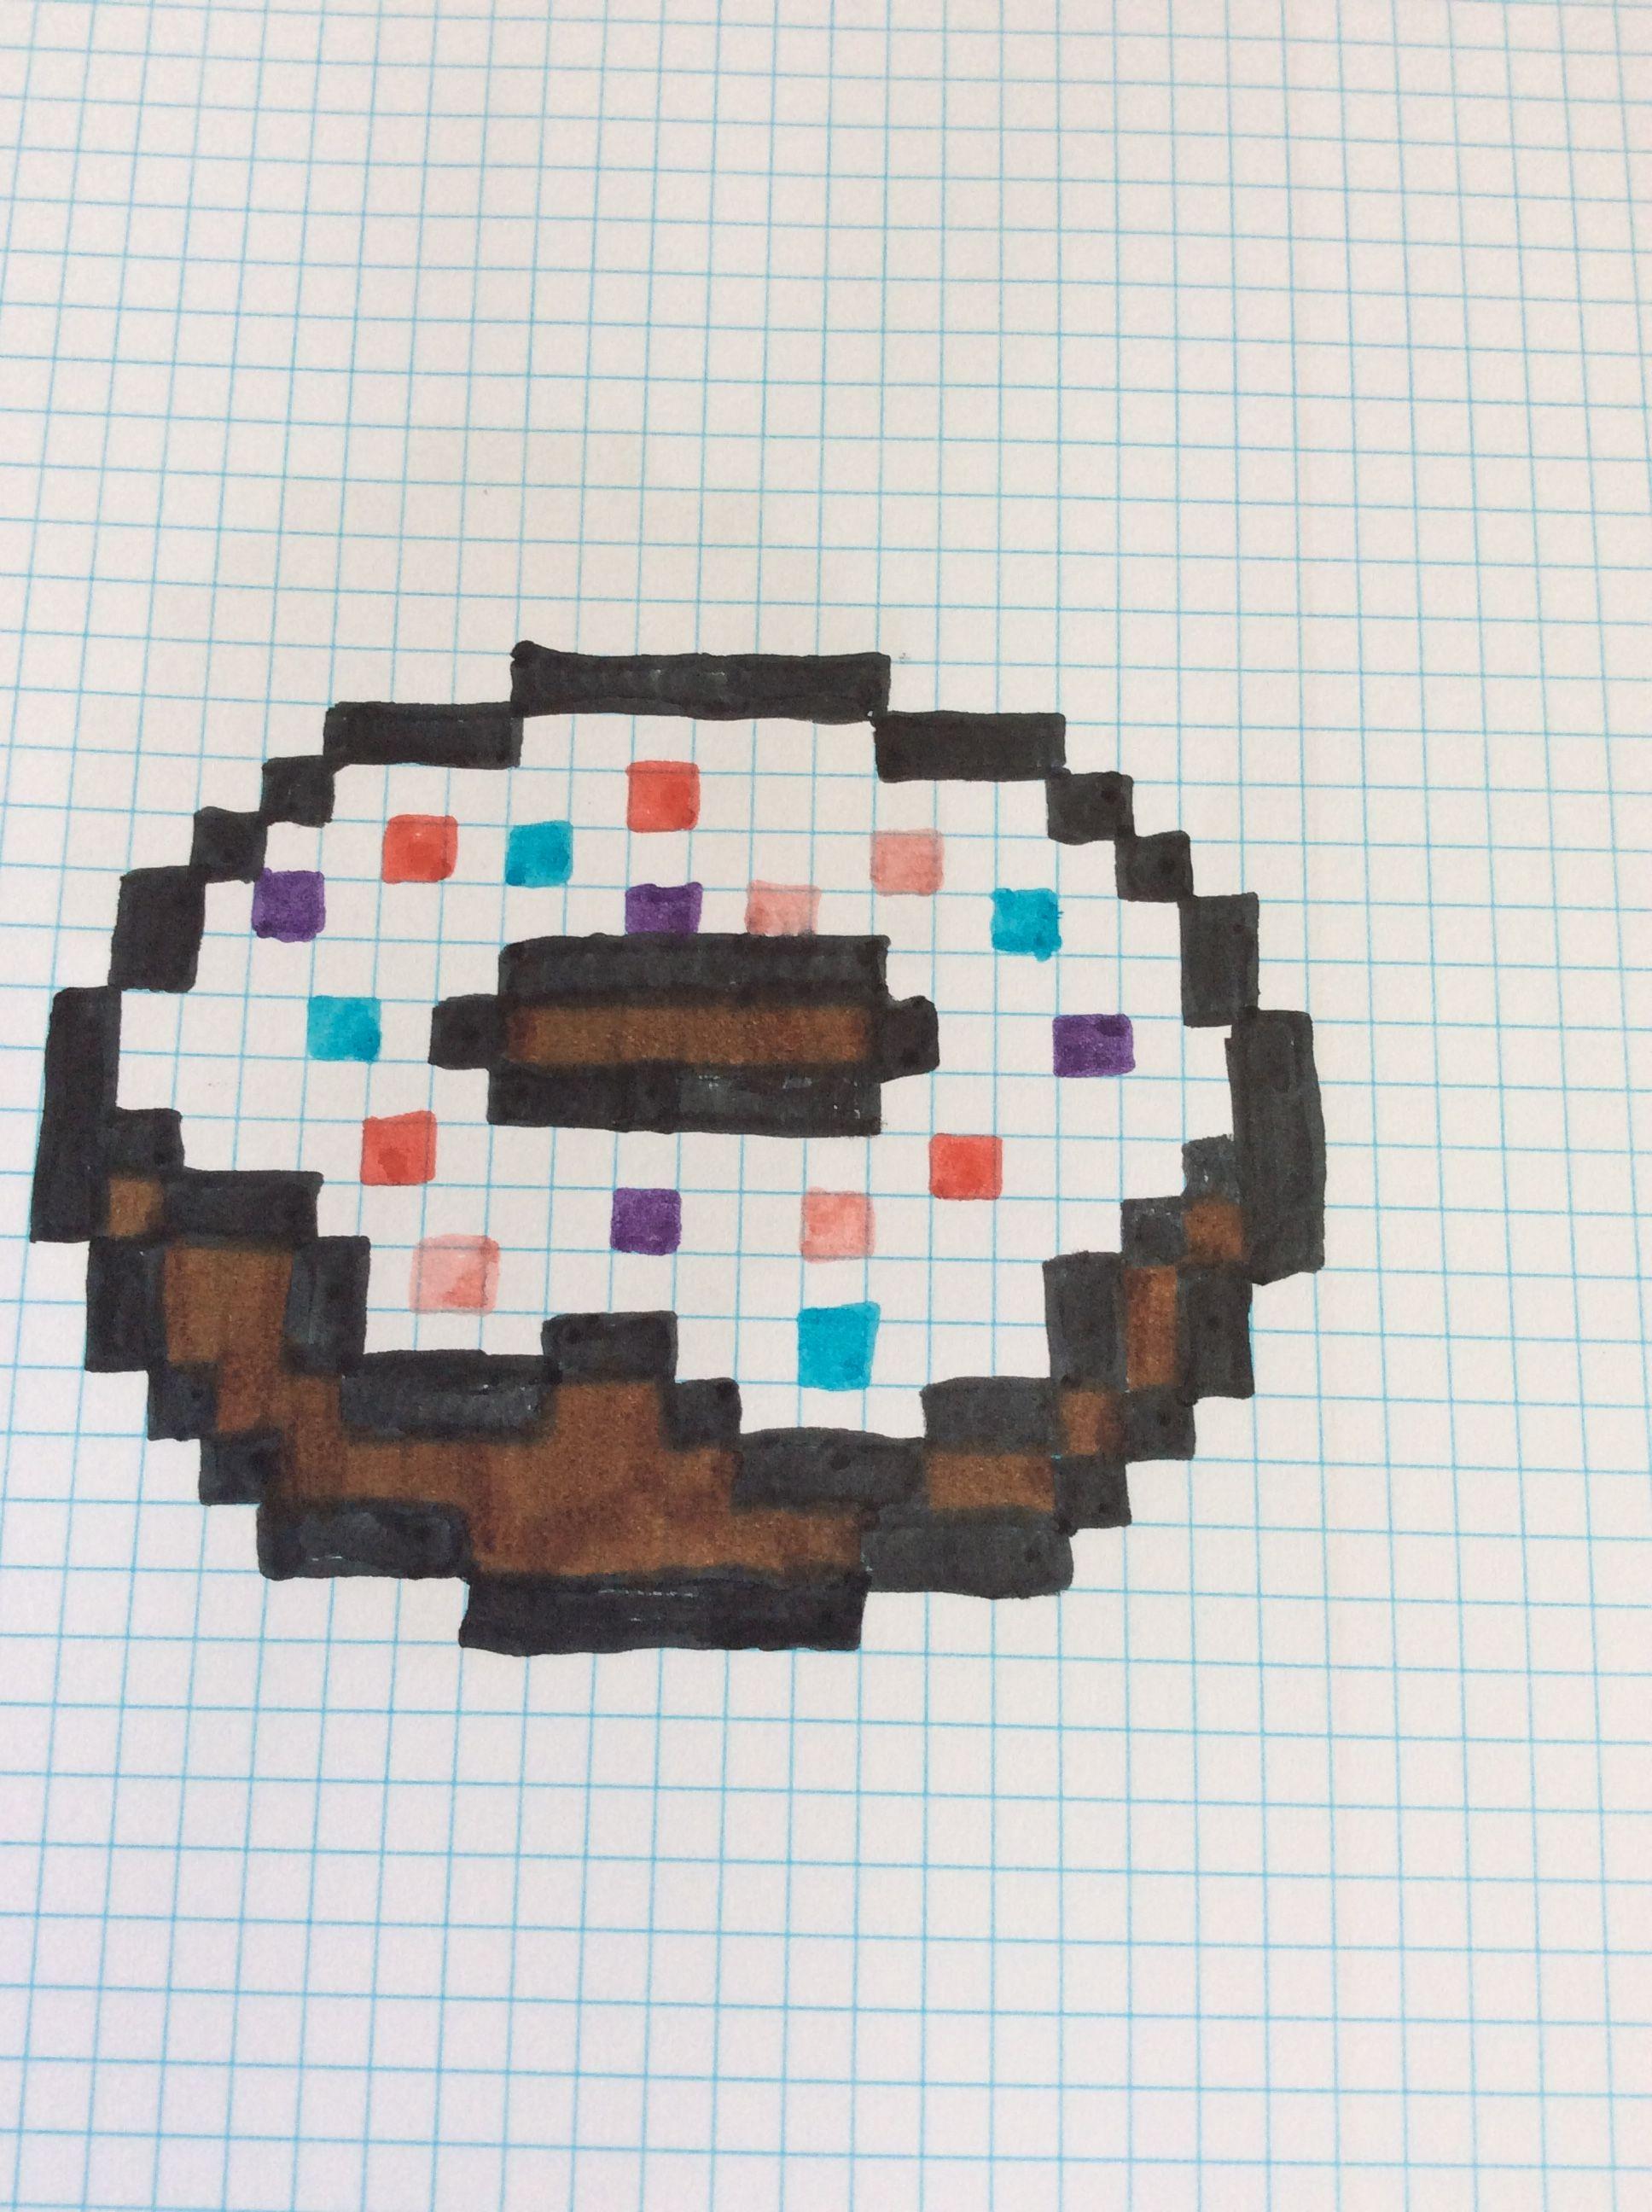 рисунки картинки по клеточкам пончик